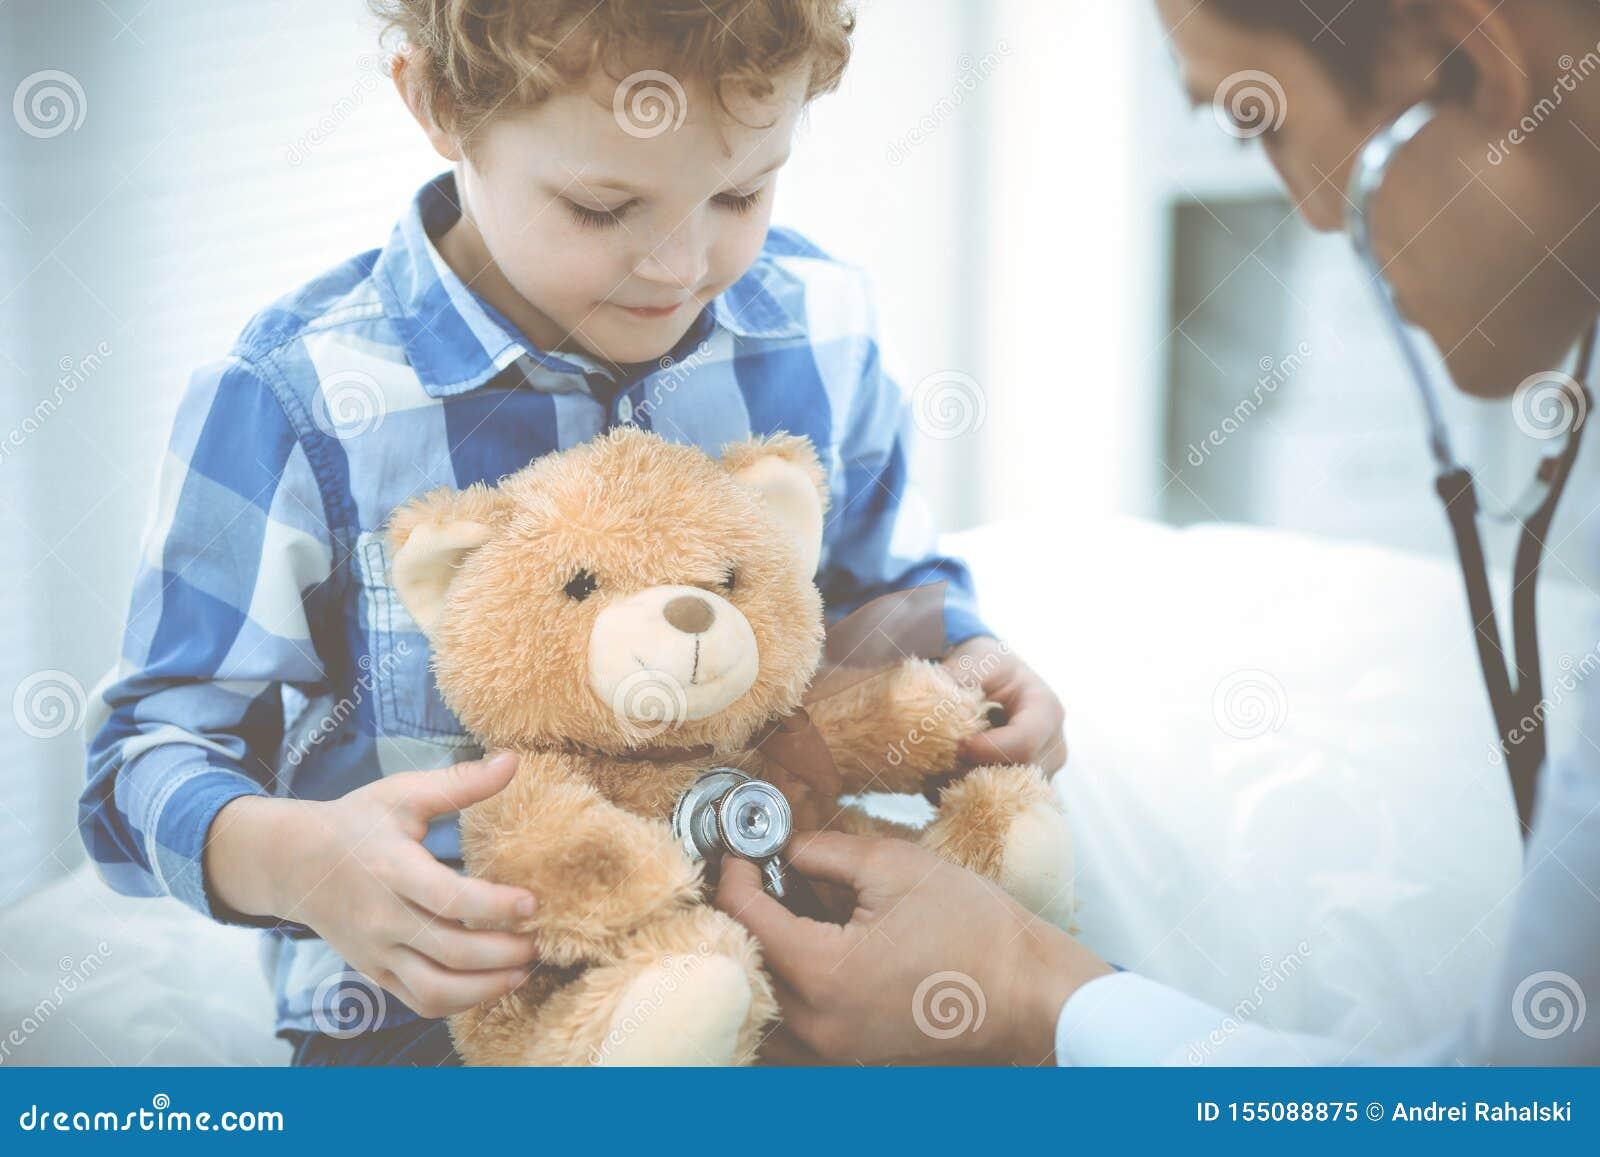 Doktor och t?lmodigt barn Unders?kande pys f?r l?kare Vanligt medicinskt bes?k i klinik care h?lsomedicinen